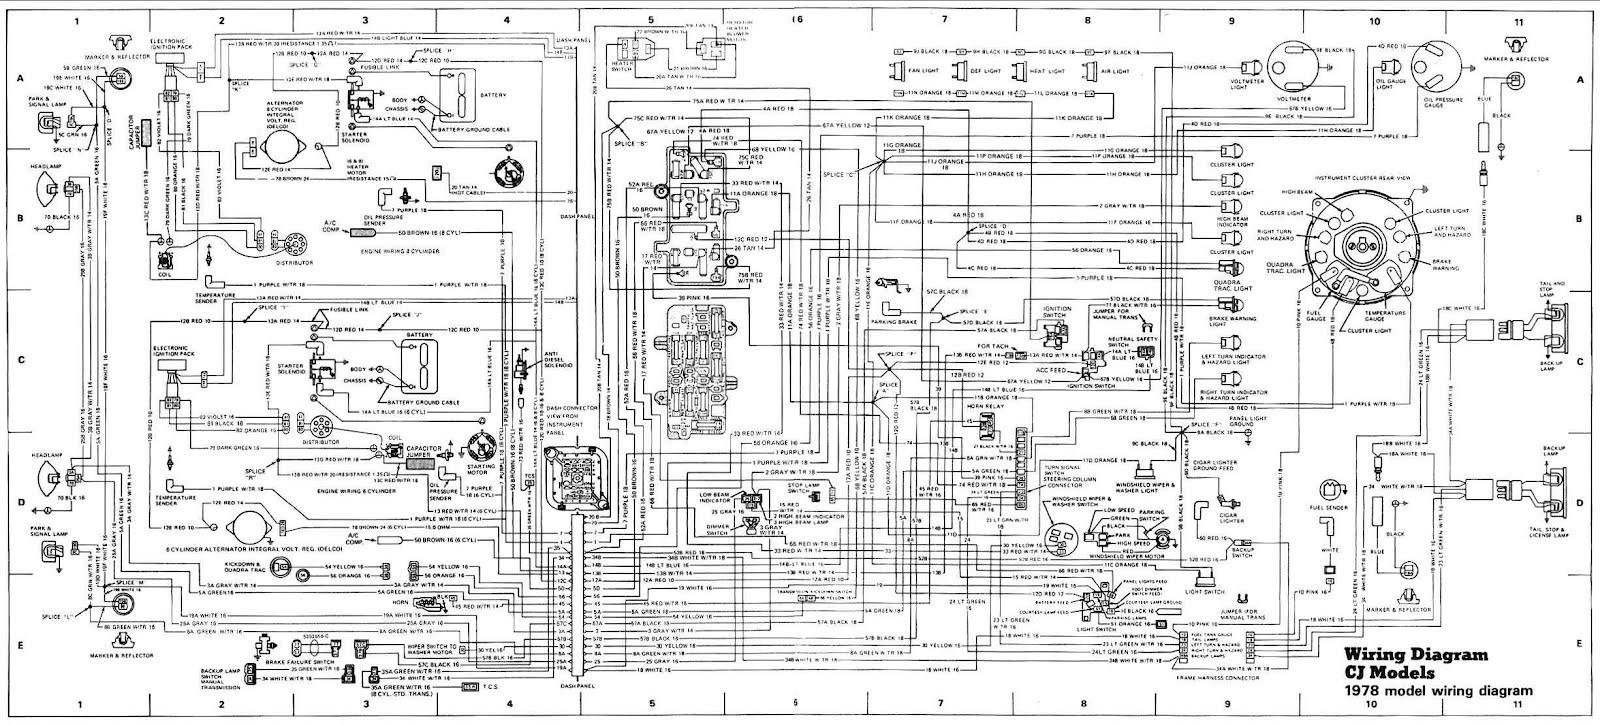 2003 Jeep Liberty Alternator Wiring Diagram Schematic Wiring Diagram